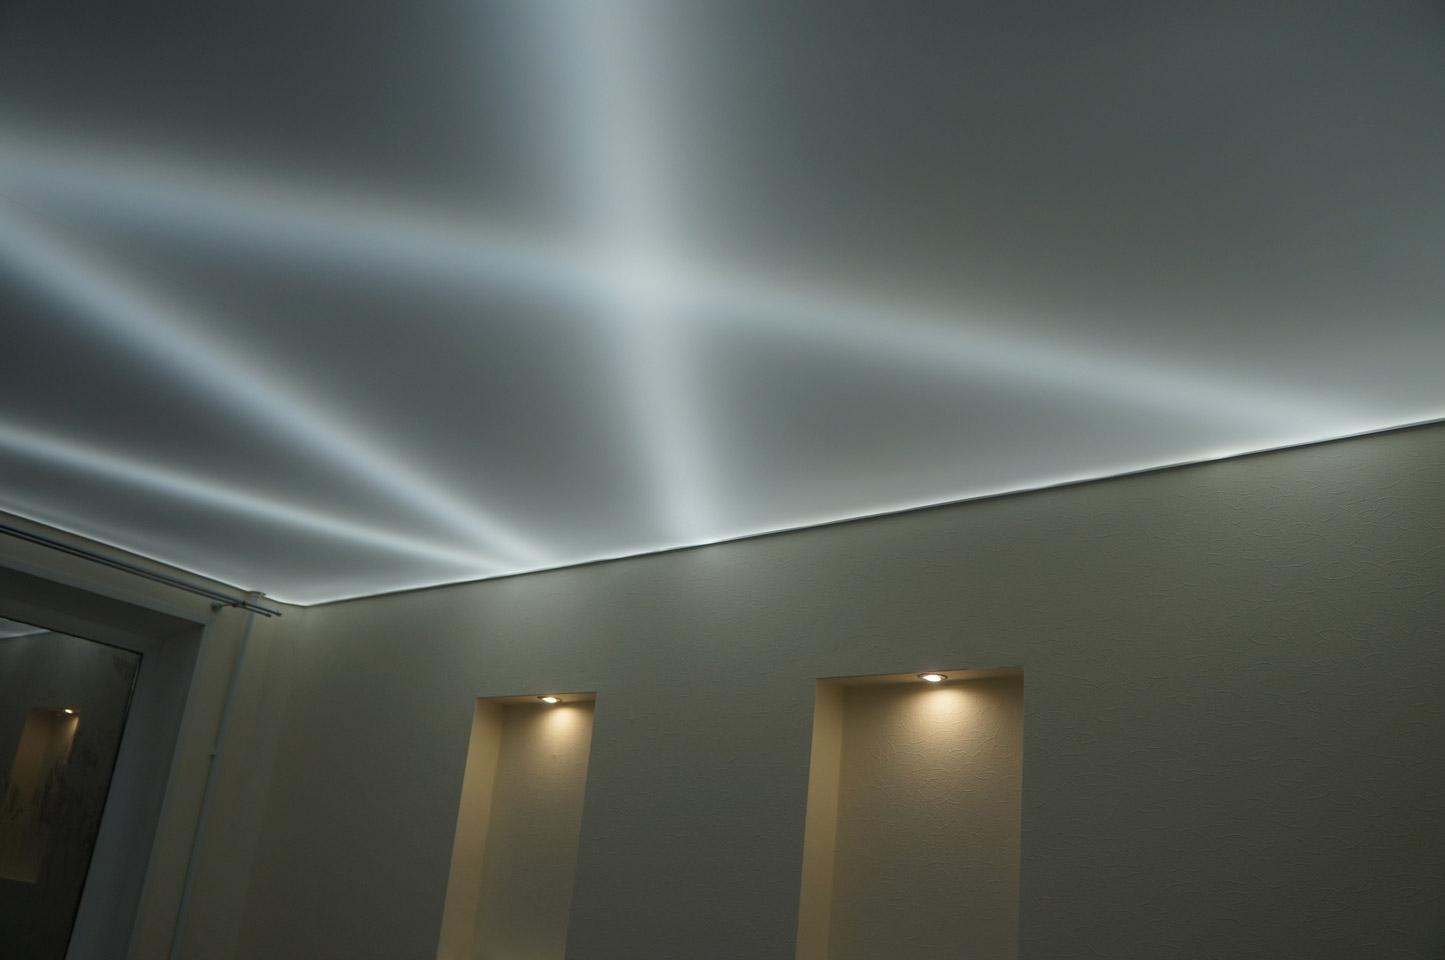 Натяжные потолки с подсветкой изнутри фото